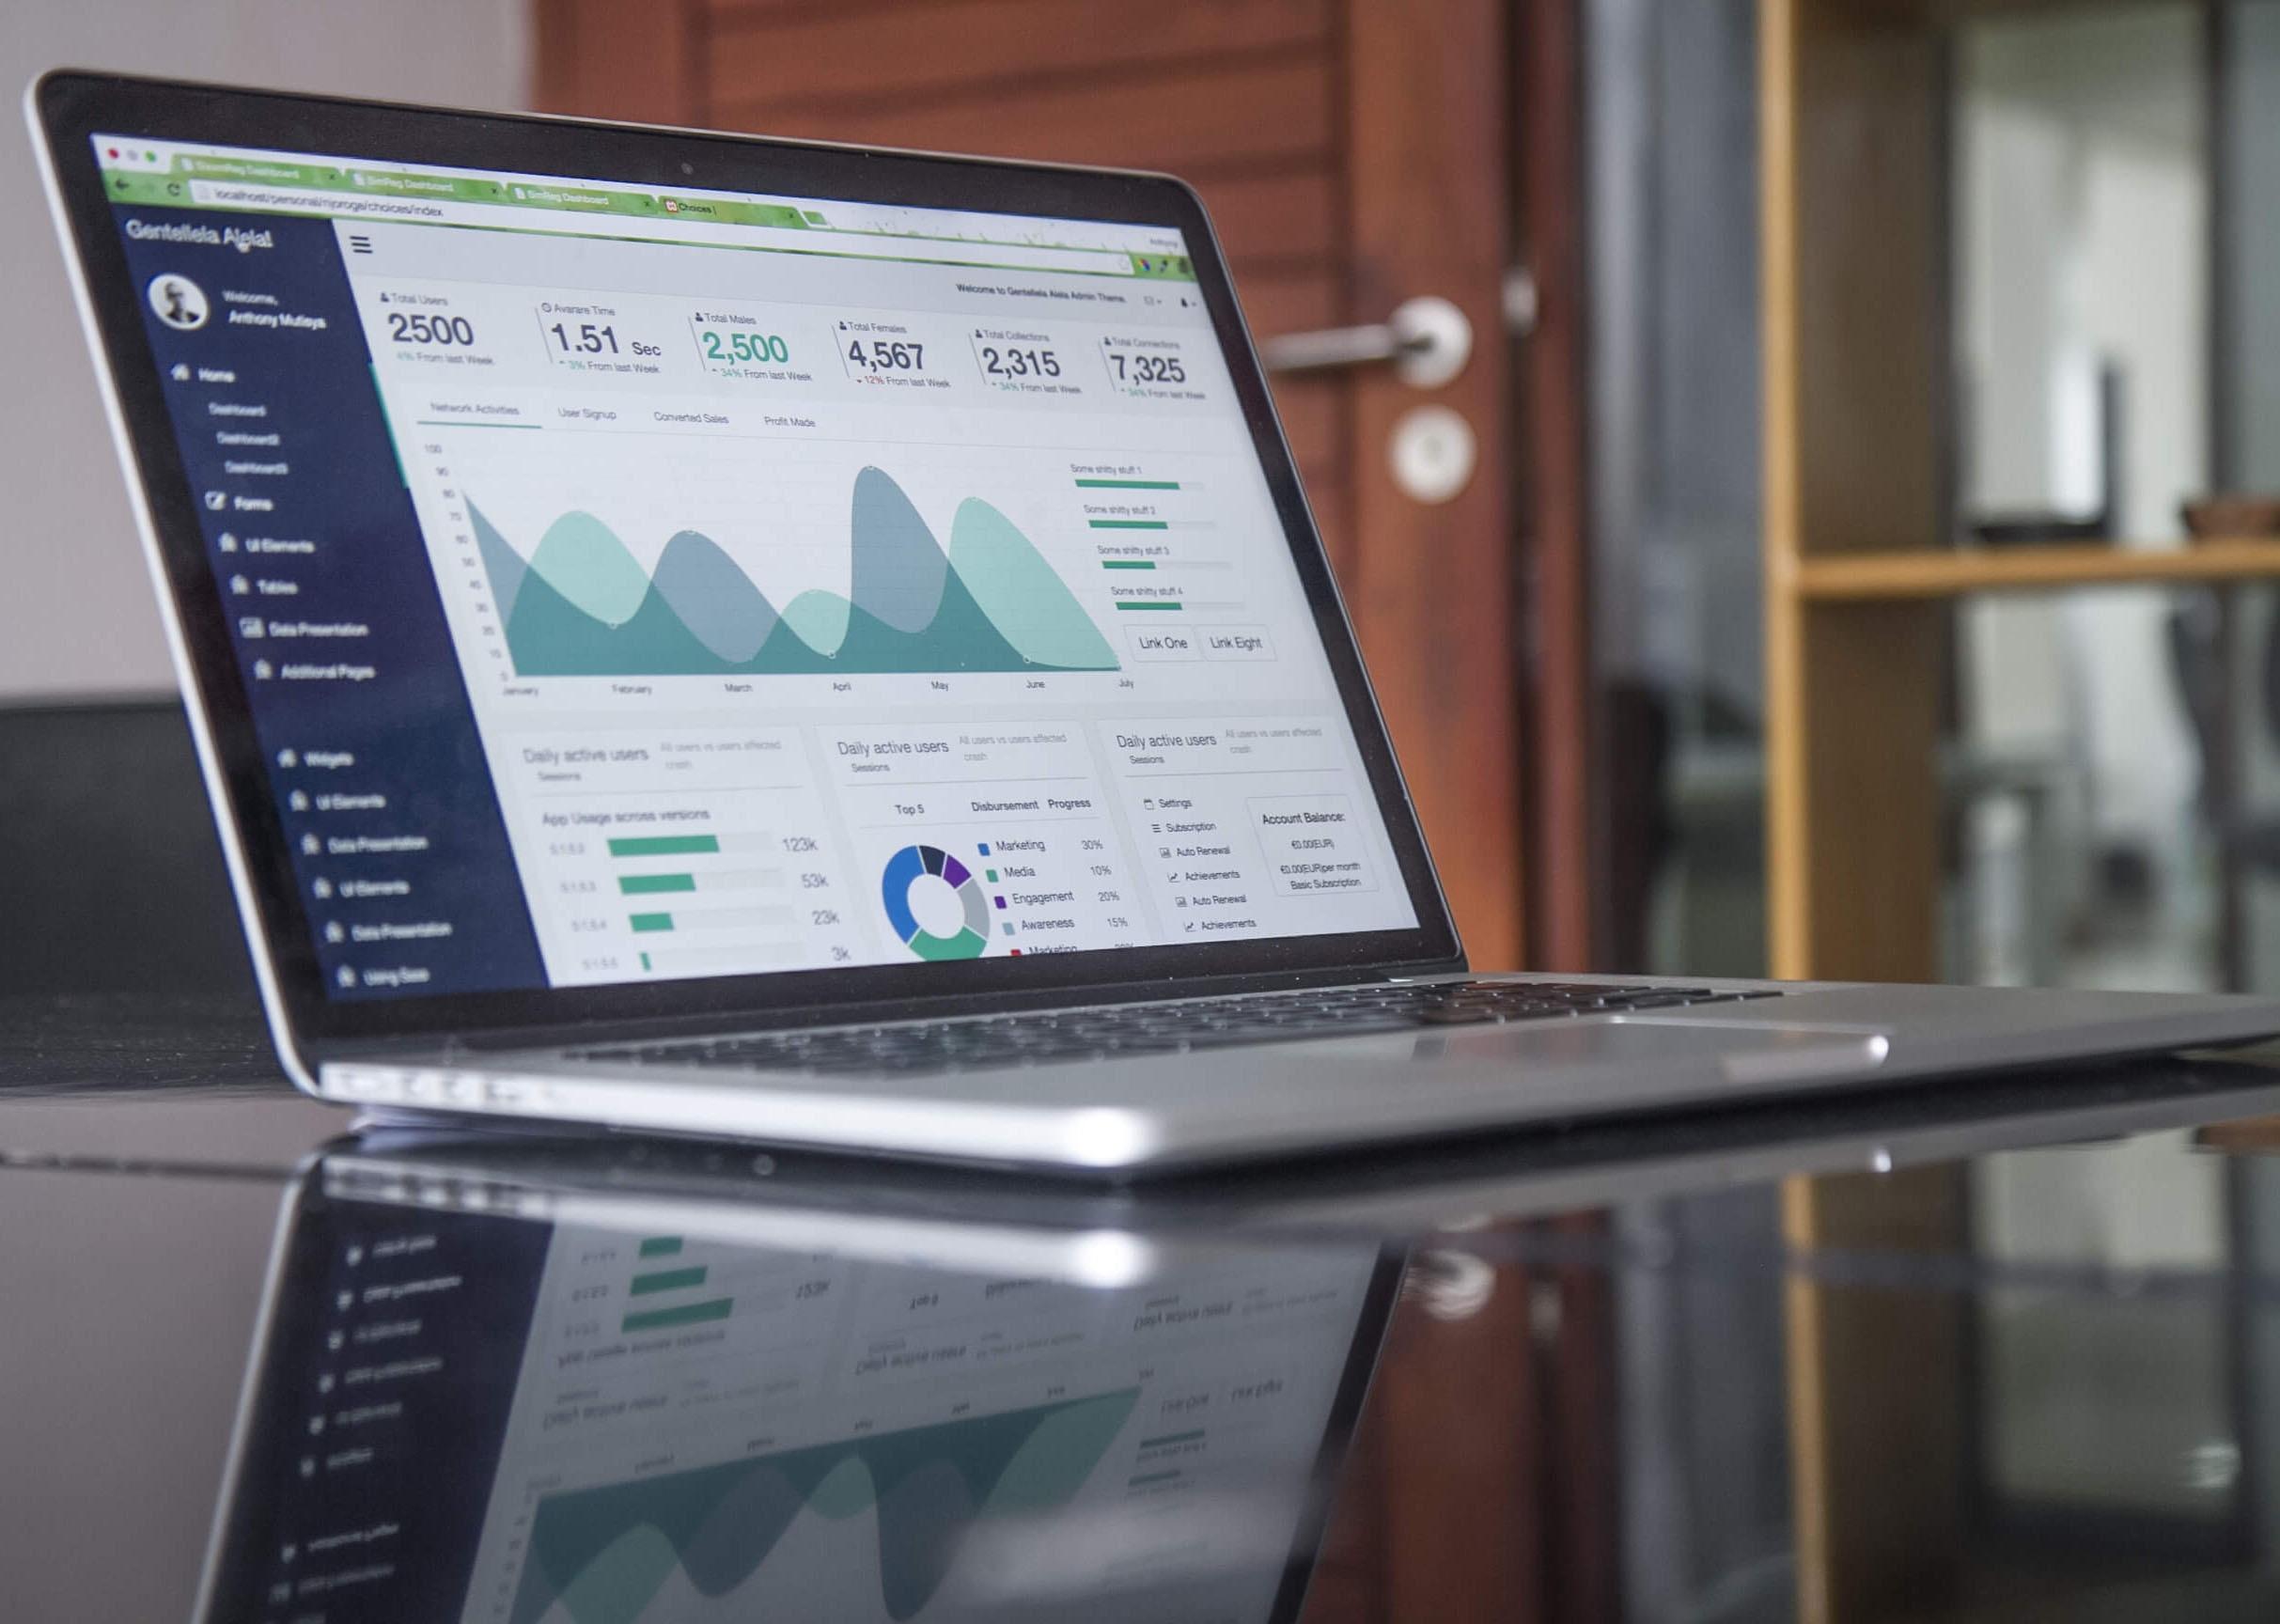 La rapidez de internet(www) es clave en un hogar conectado